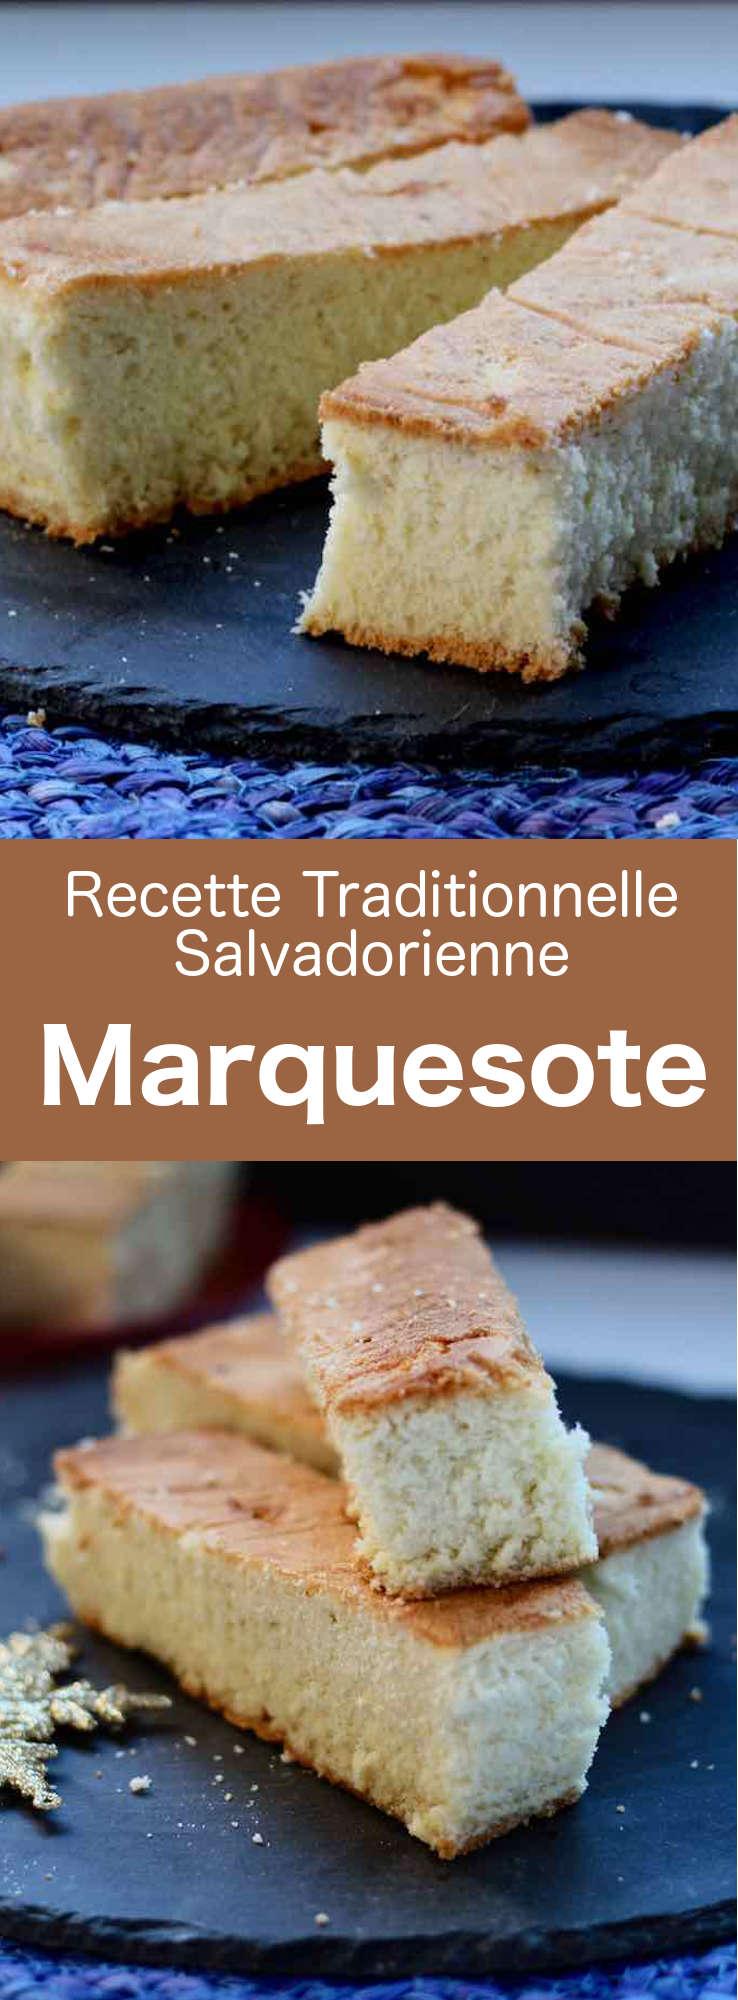 Le marquesote est un gâteau apparenté à un génoise traditionnelle, typique du Salvador, mais aussi du Mexique et du Honduras. #Salvador #CuisineSalvadorienne #AmeriqueCentrale #CuisineDuMonde #196flavors